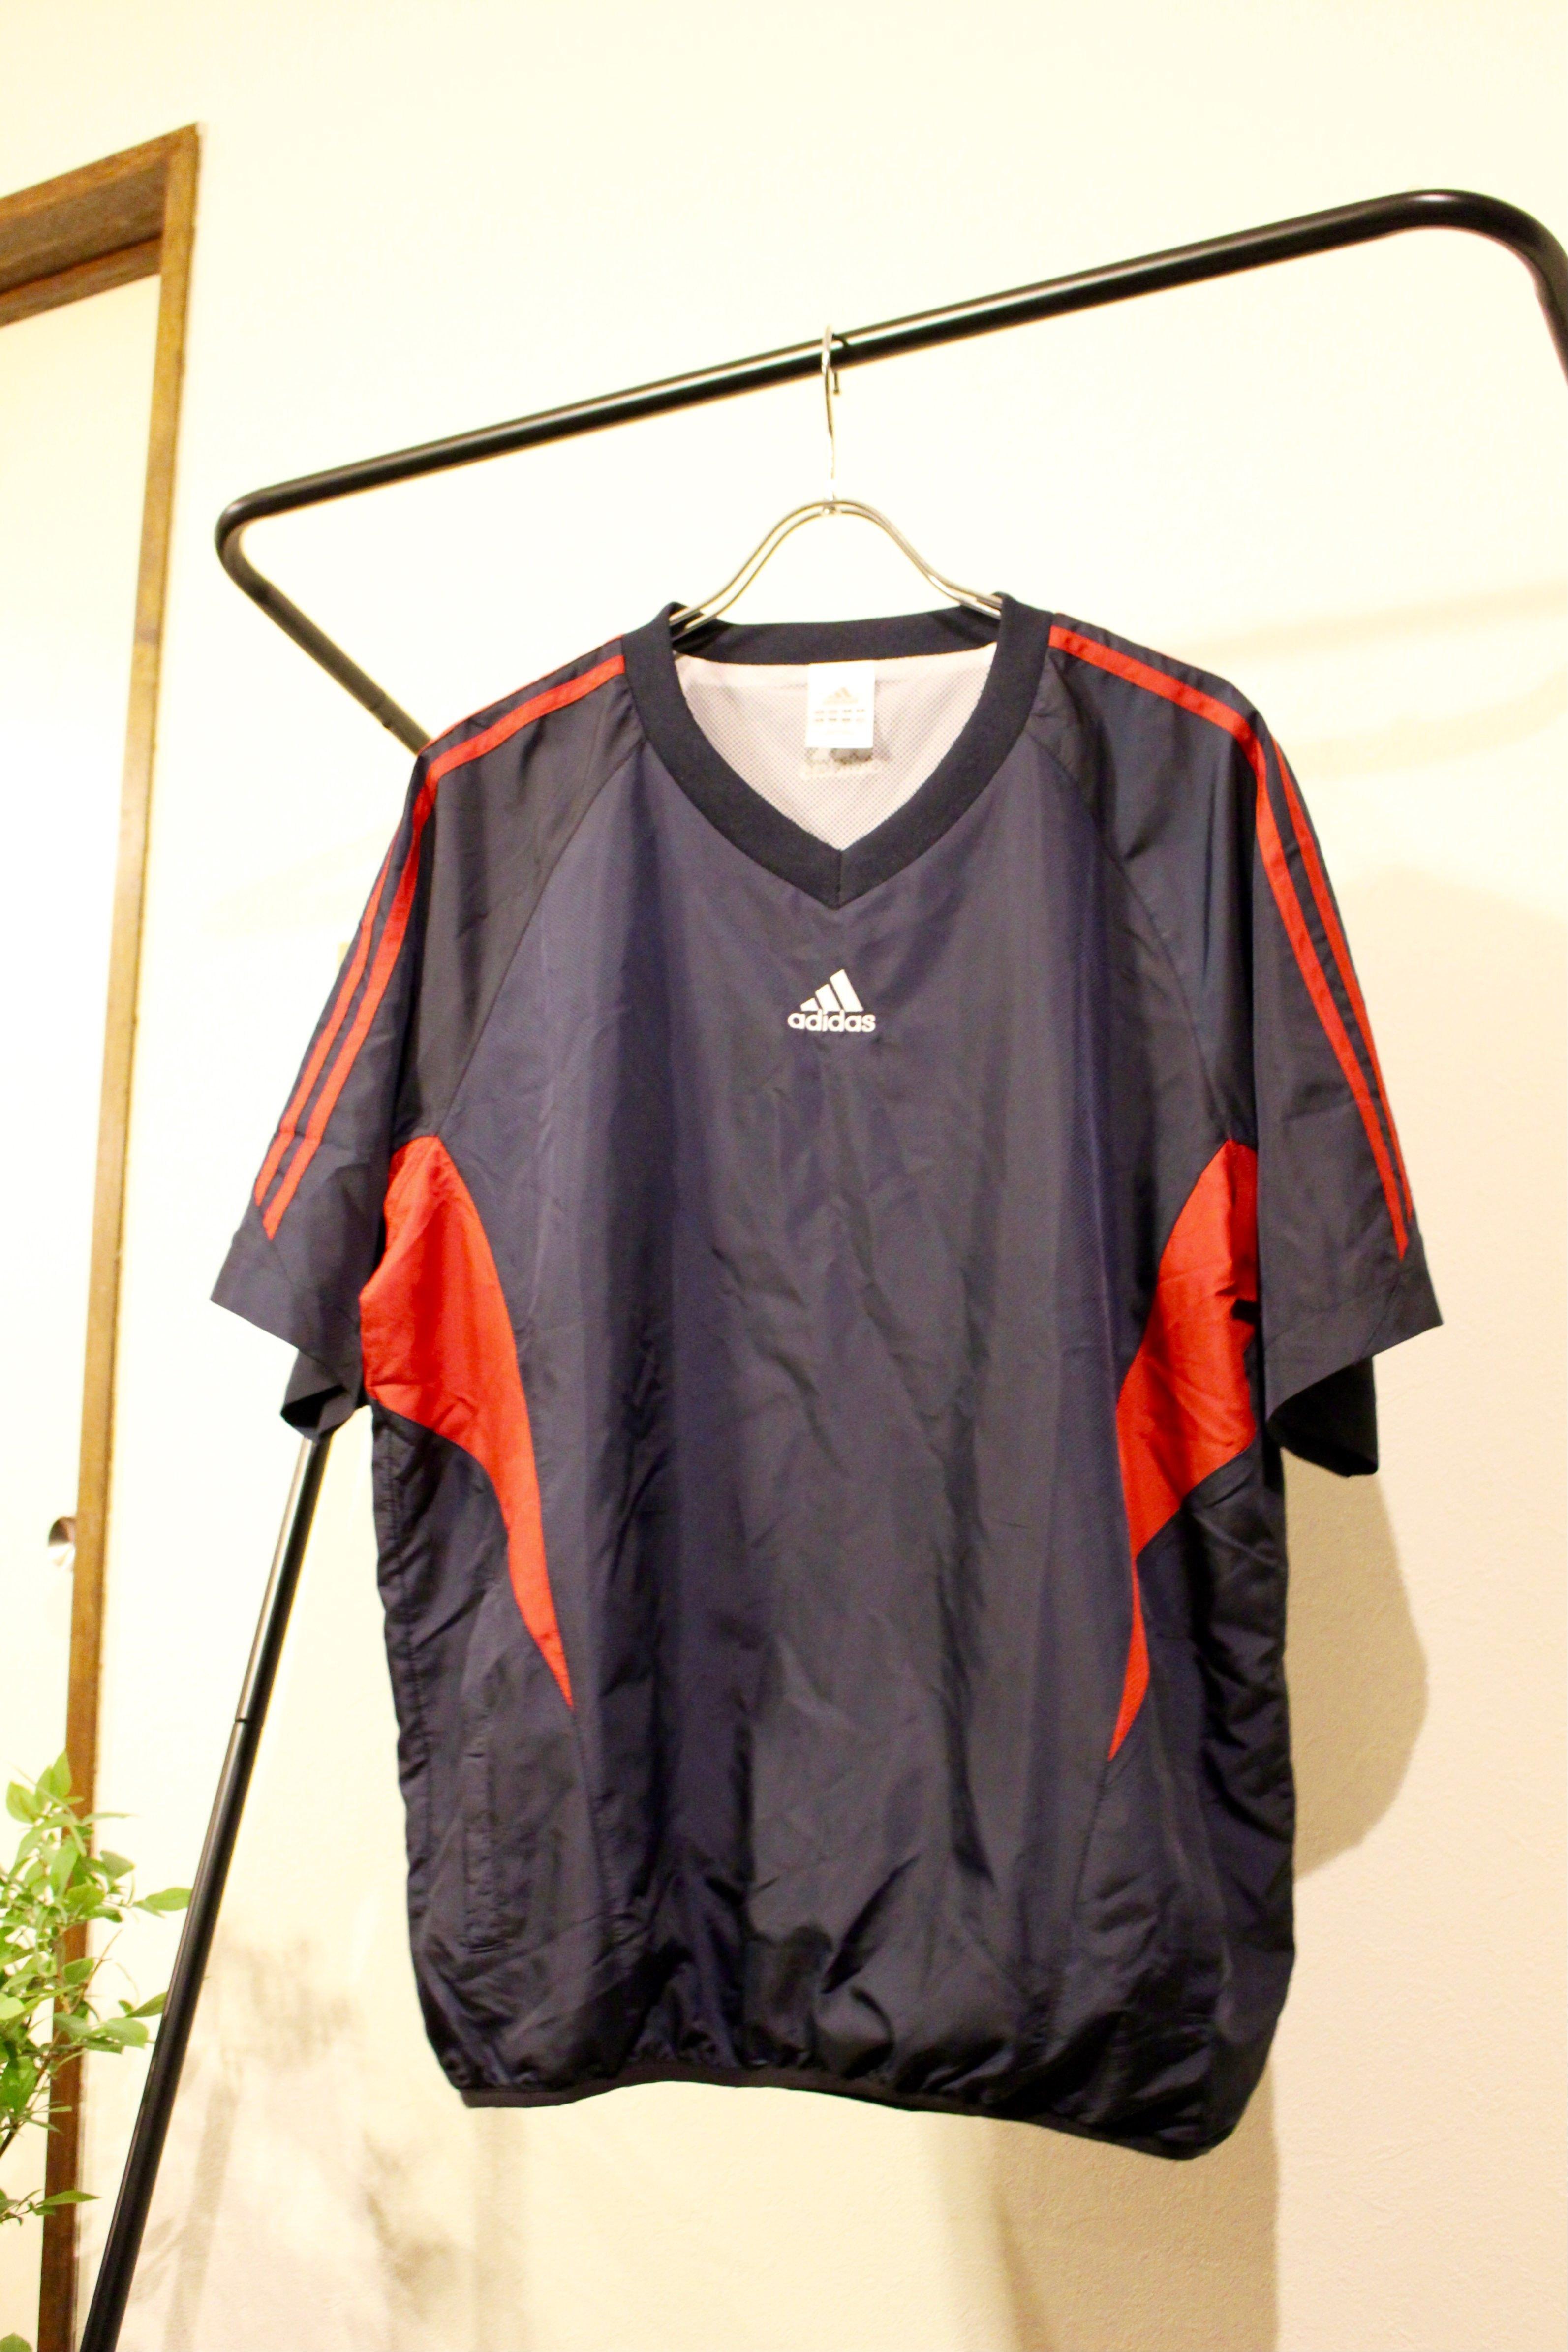 adidas pullover shirt